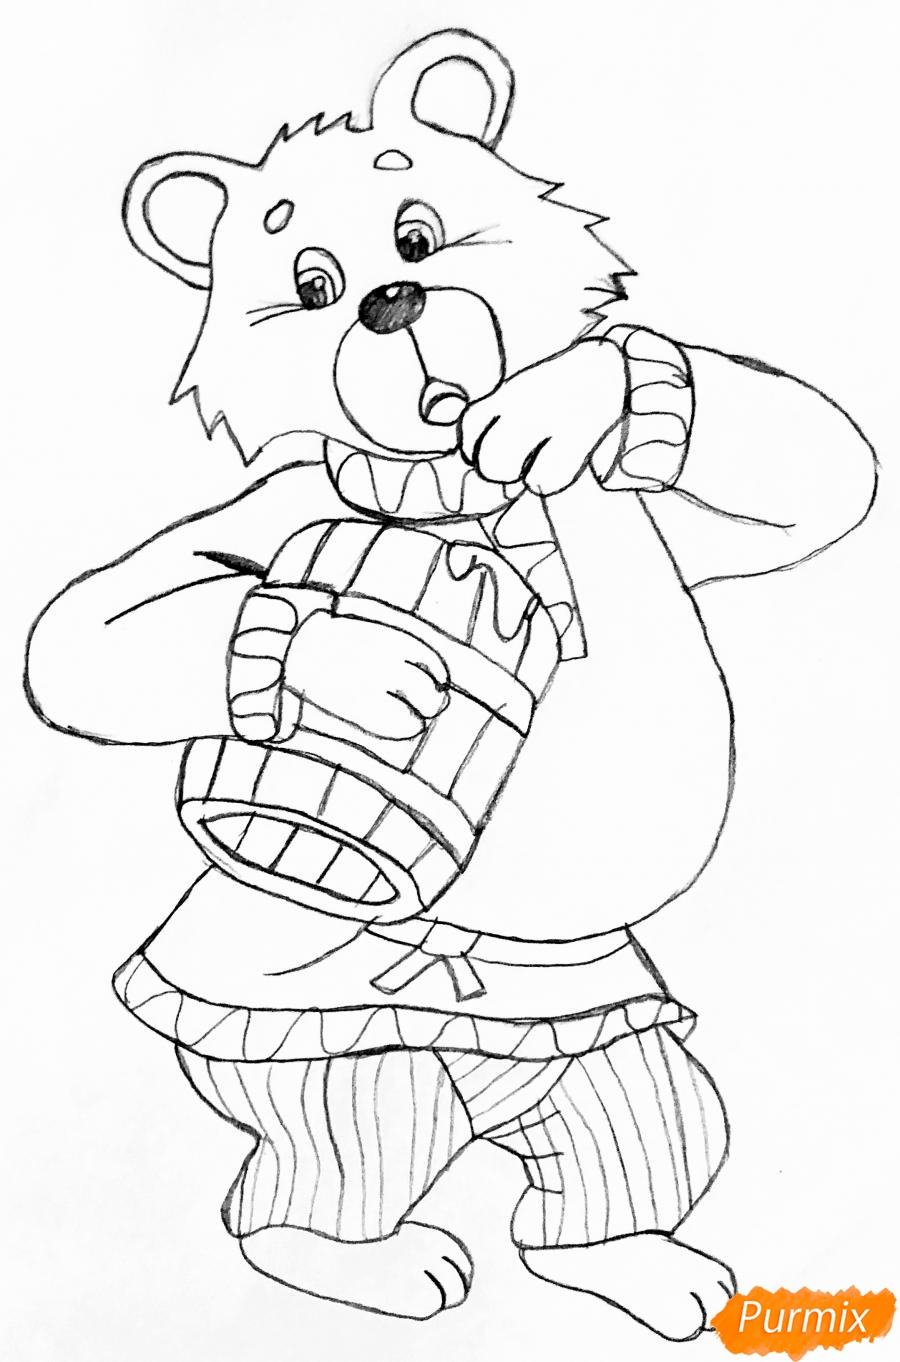 Рисуем колобка мишку и цветными карандашами - шаг 3